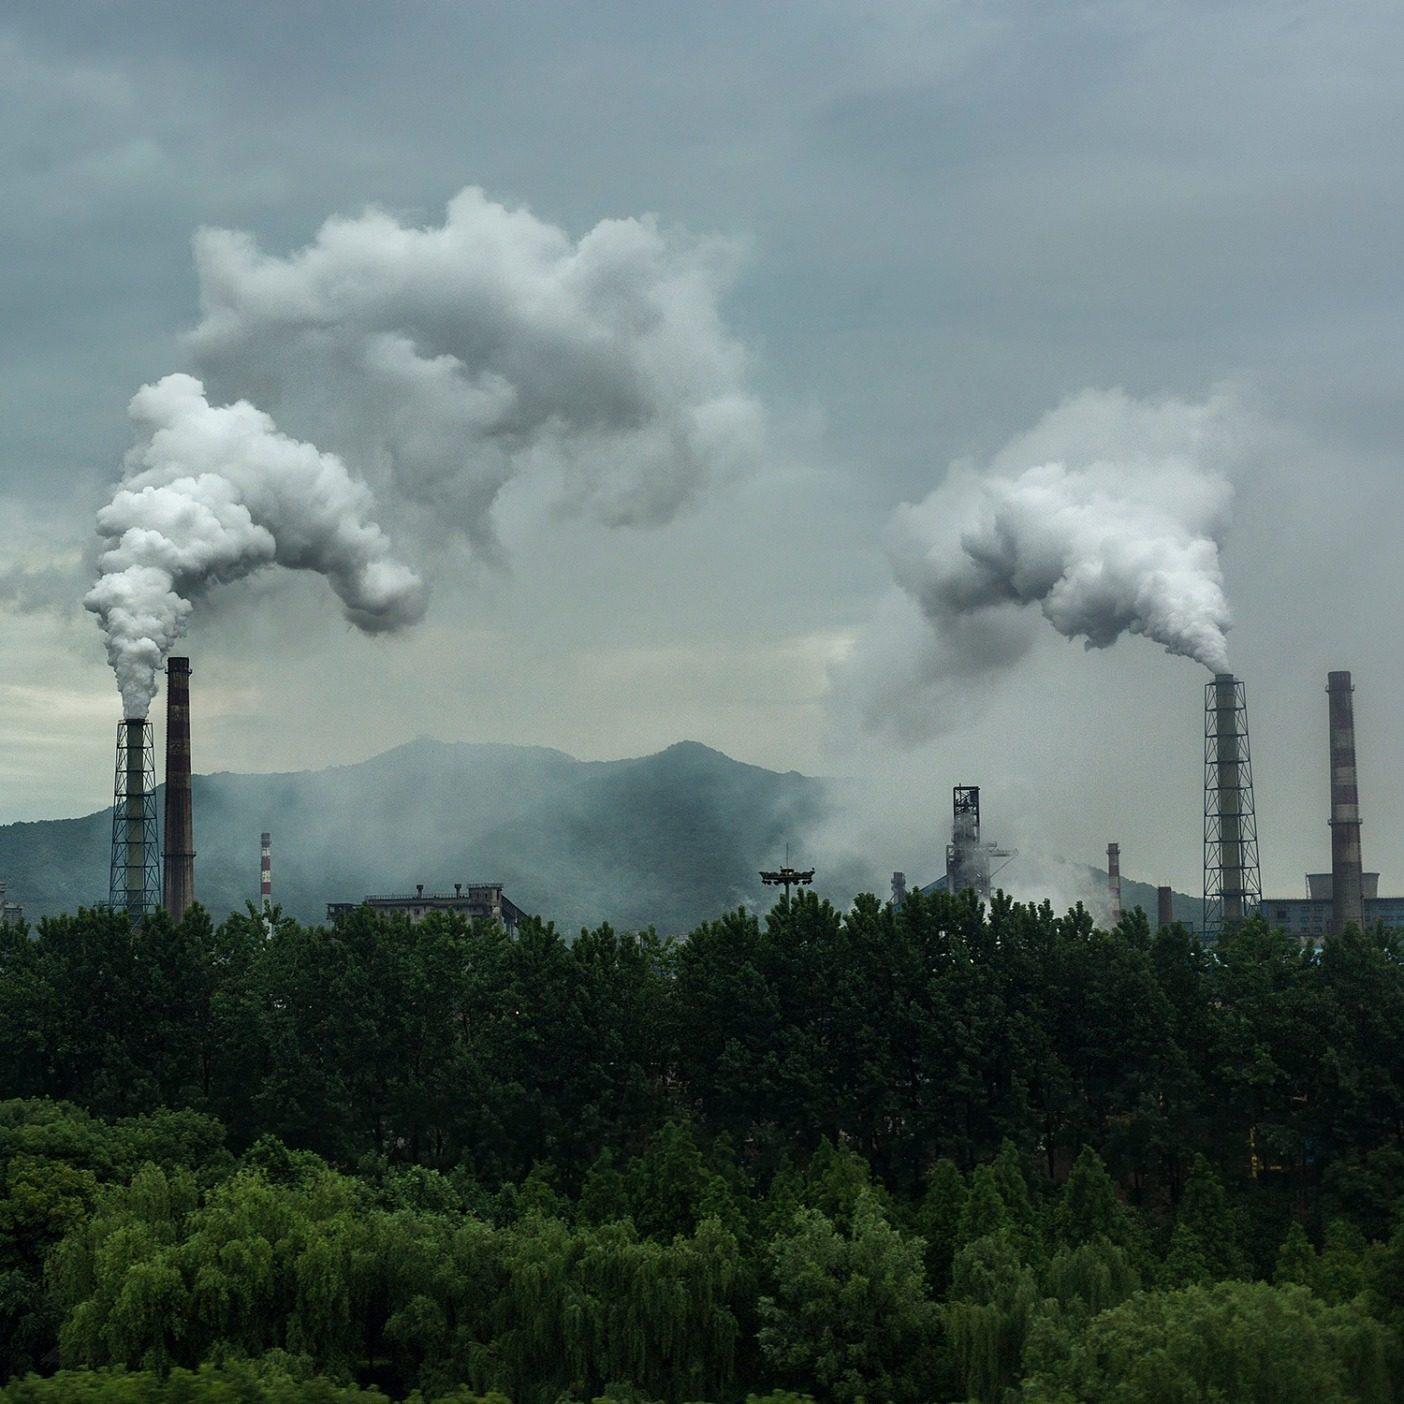 衣料品業界は世界の二酸化炭素排出量の1割を占め、気候危機の一因を担う。パタゴニアはその影響を減らすことをはっきりと表明しており、その大きな部分は、サプライチェーン全体のパートナーとともに再生可能エネルギー源への切り替えについて取り組むことだ。中国、杭州にある製造工場から立ち上がる煙。Photo : Xia Yuan/Getty Images